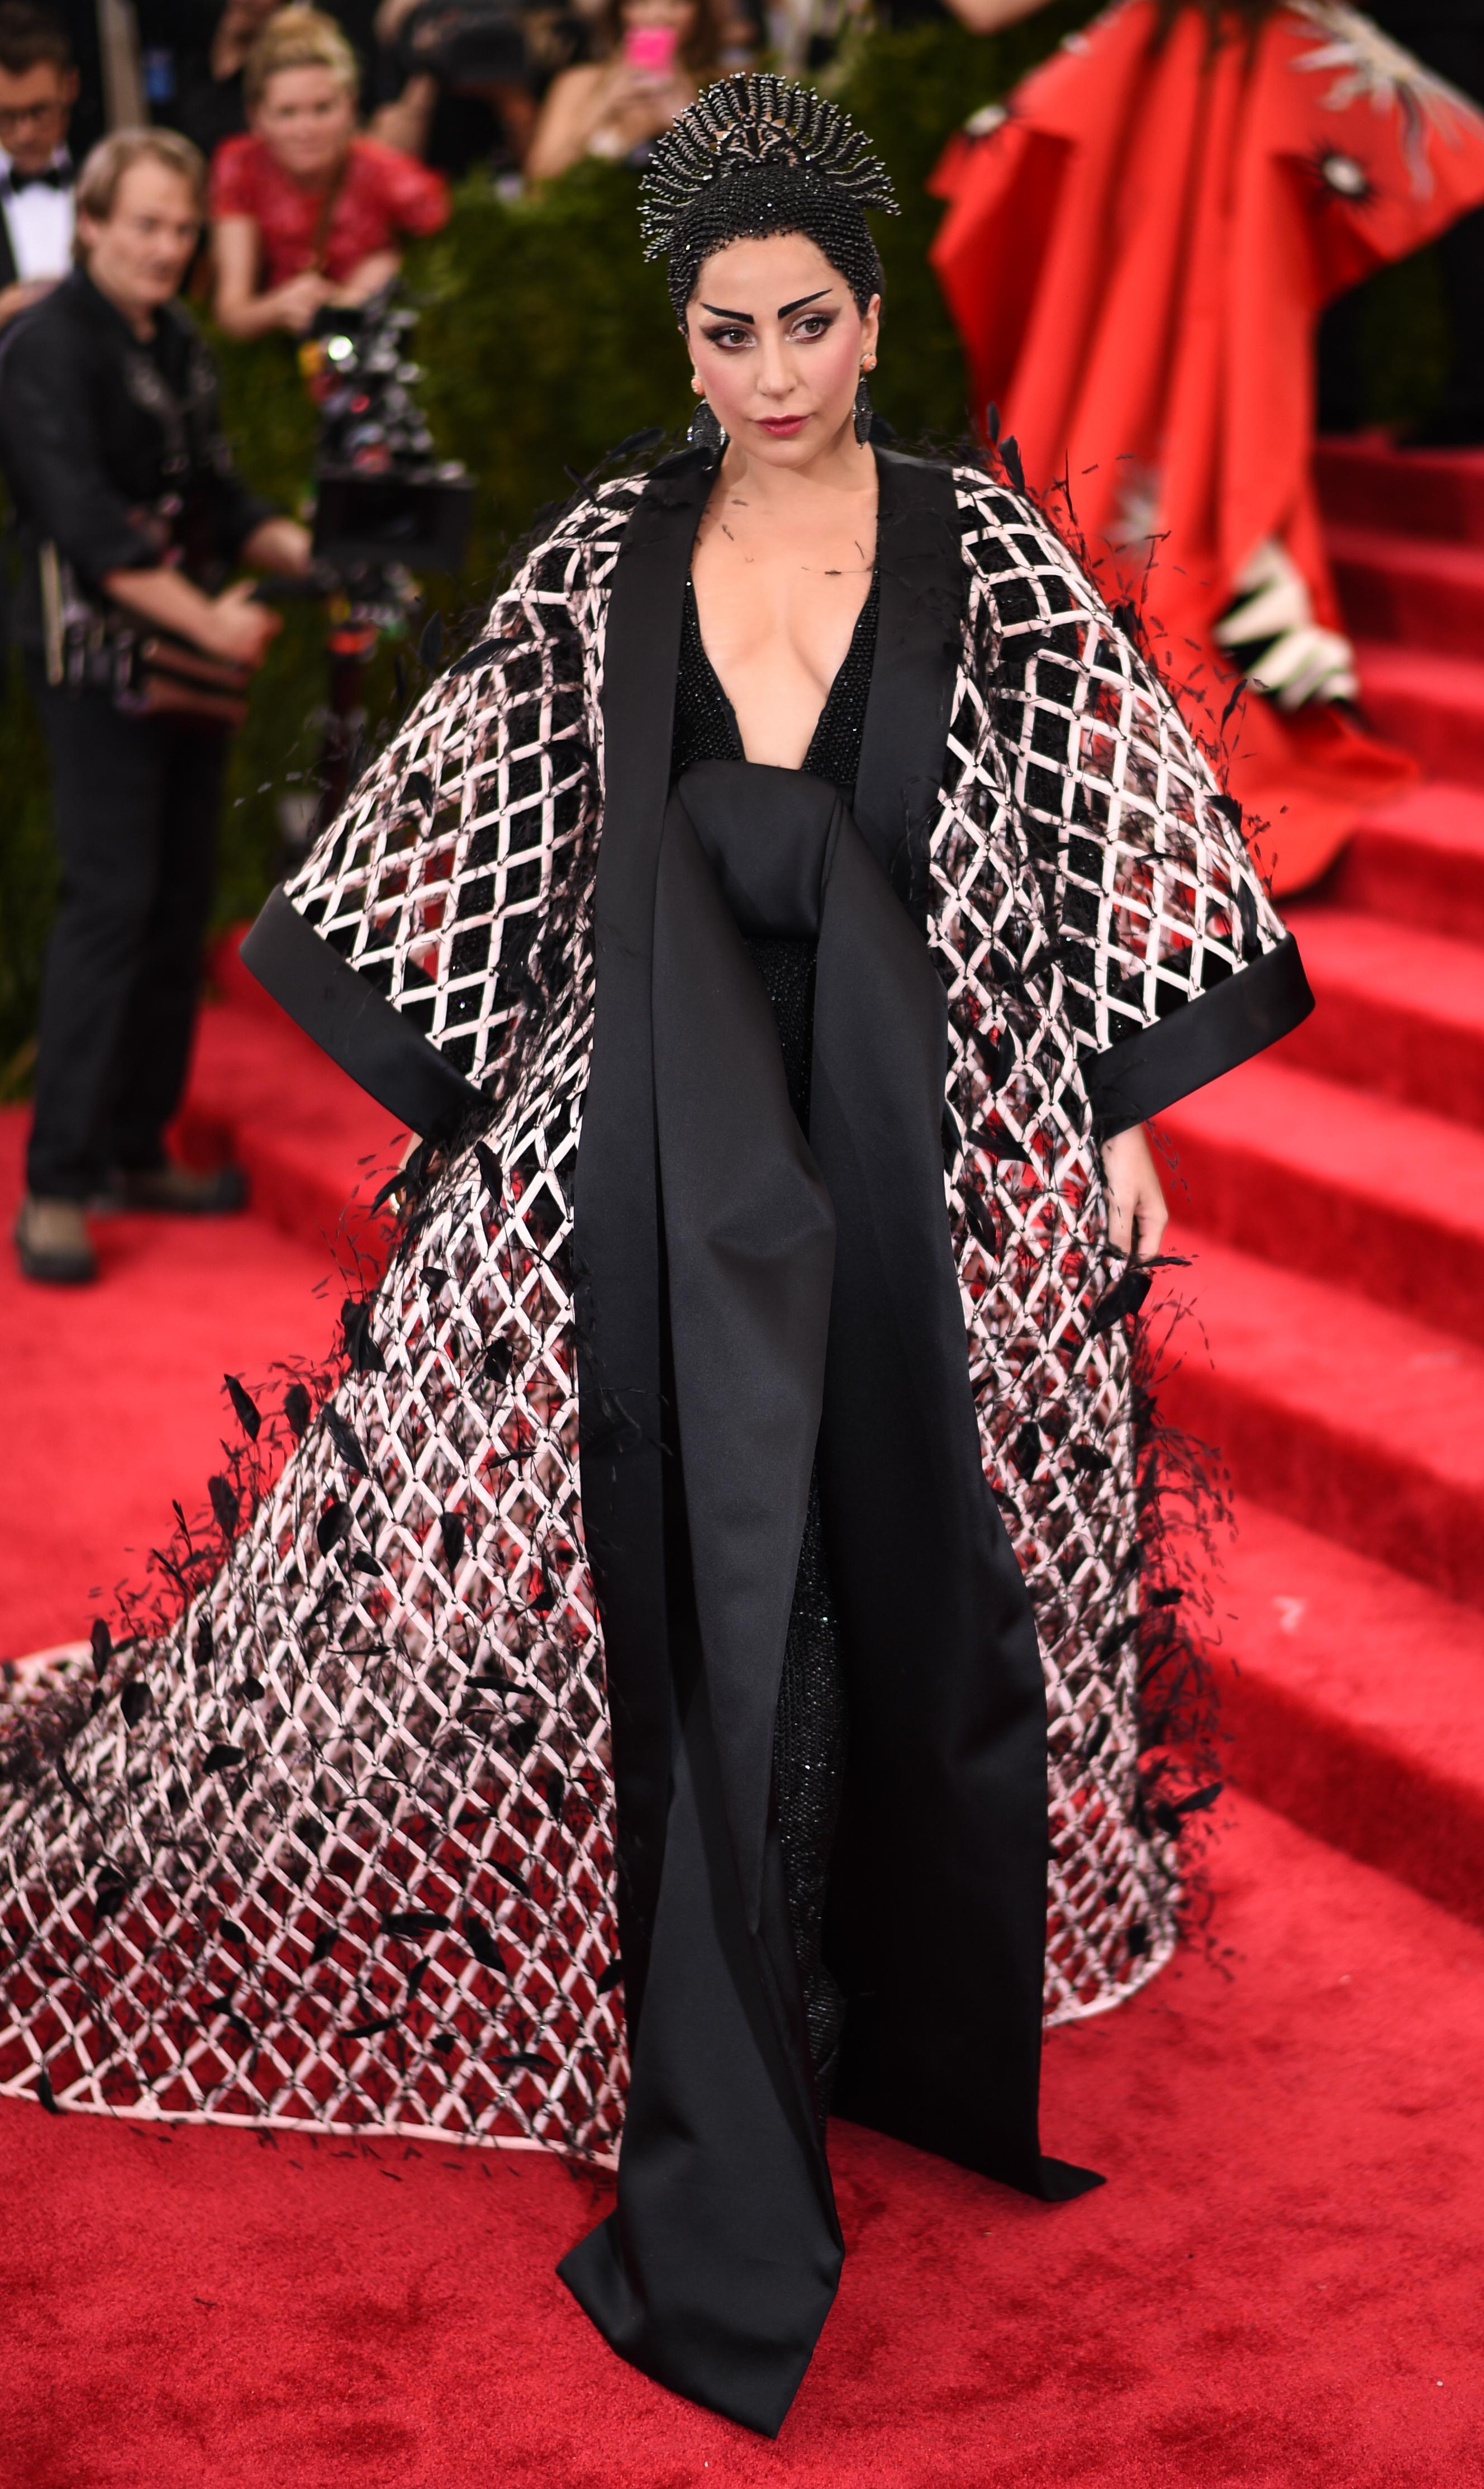 ליידי גאגא במט גאלה 2015 | צילום: Gettyimages